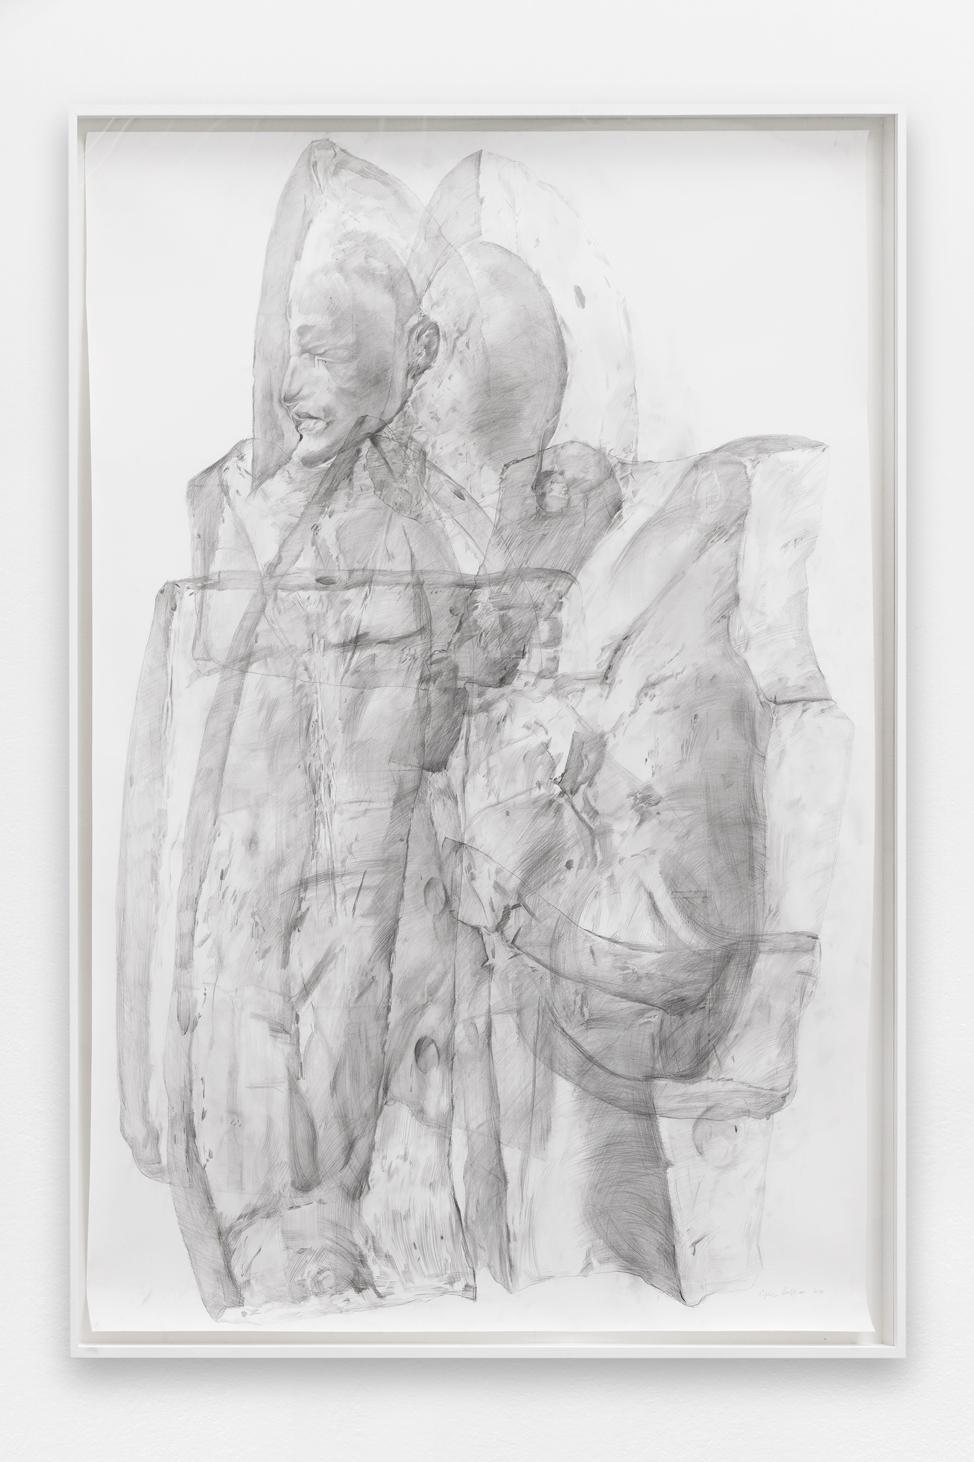 Spectre #1 , Ciprian Mureșan, 2020, Pencil on paper, 211 x 161 x 7 cm  — Galerie Éric Hussenot, Paris